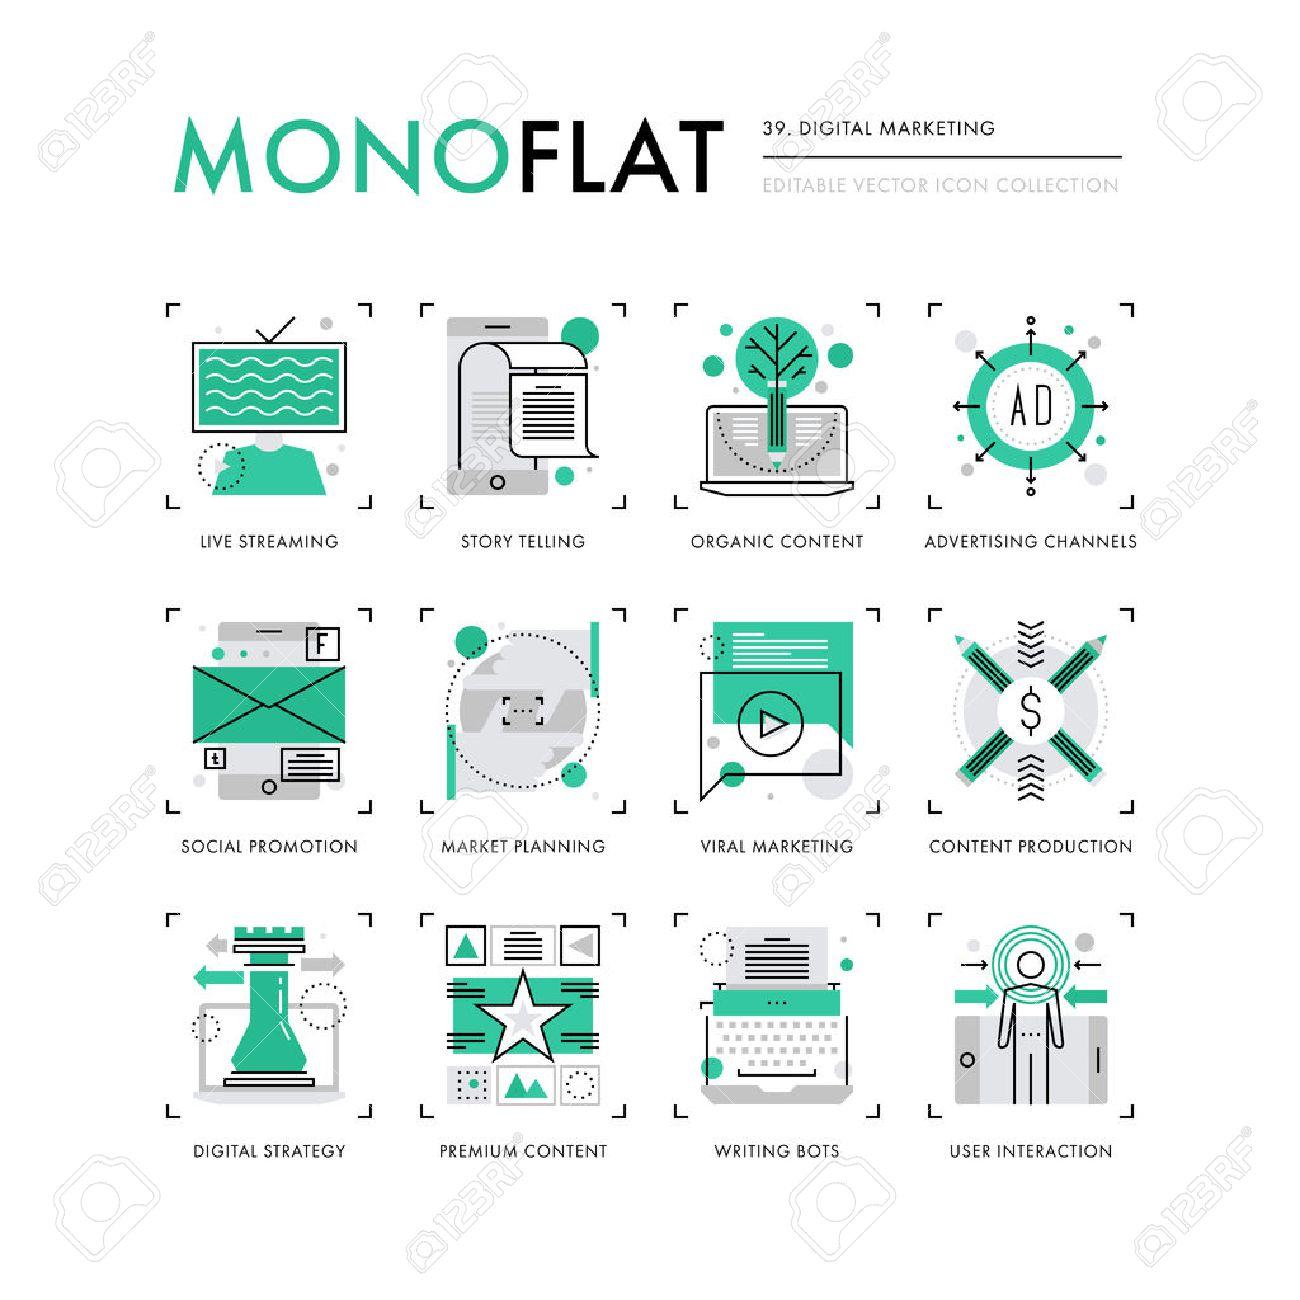 Infografik-Symbole Sammlung Von Premium-Marketing-Content-Strategie ...